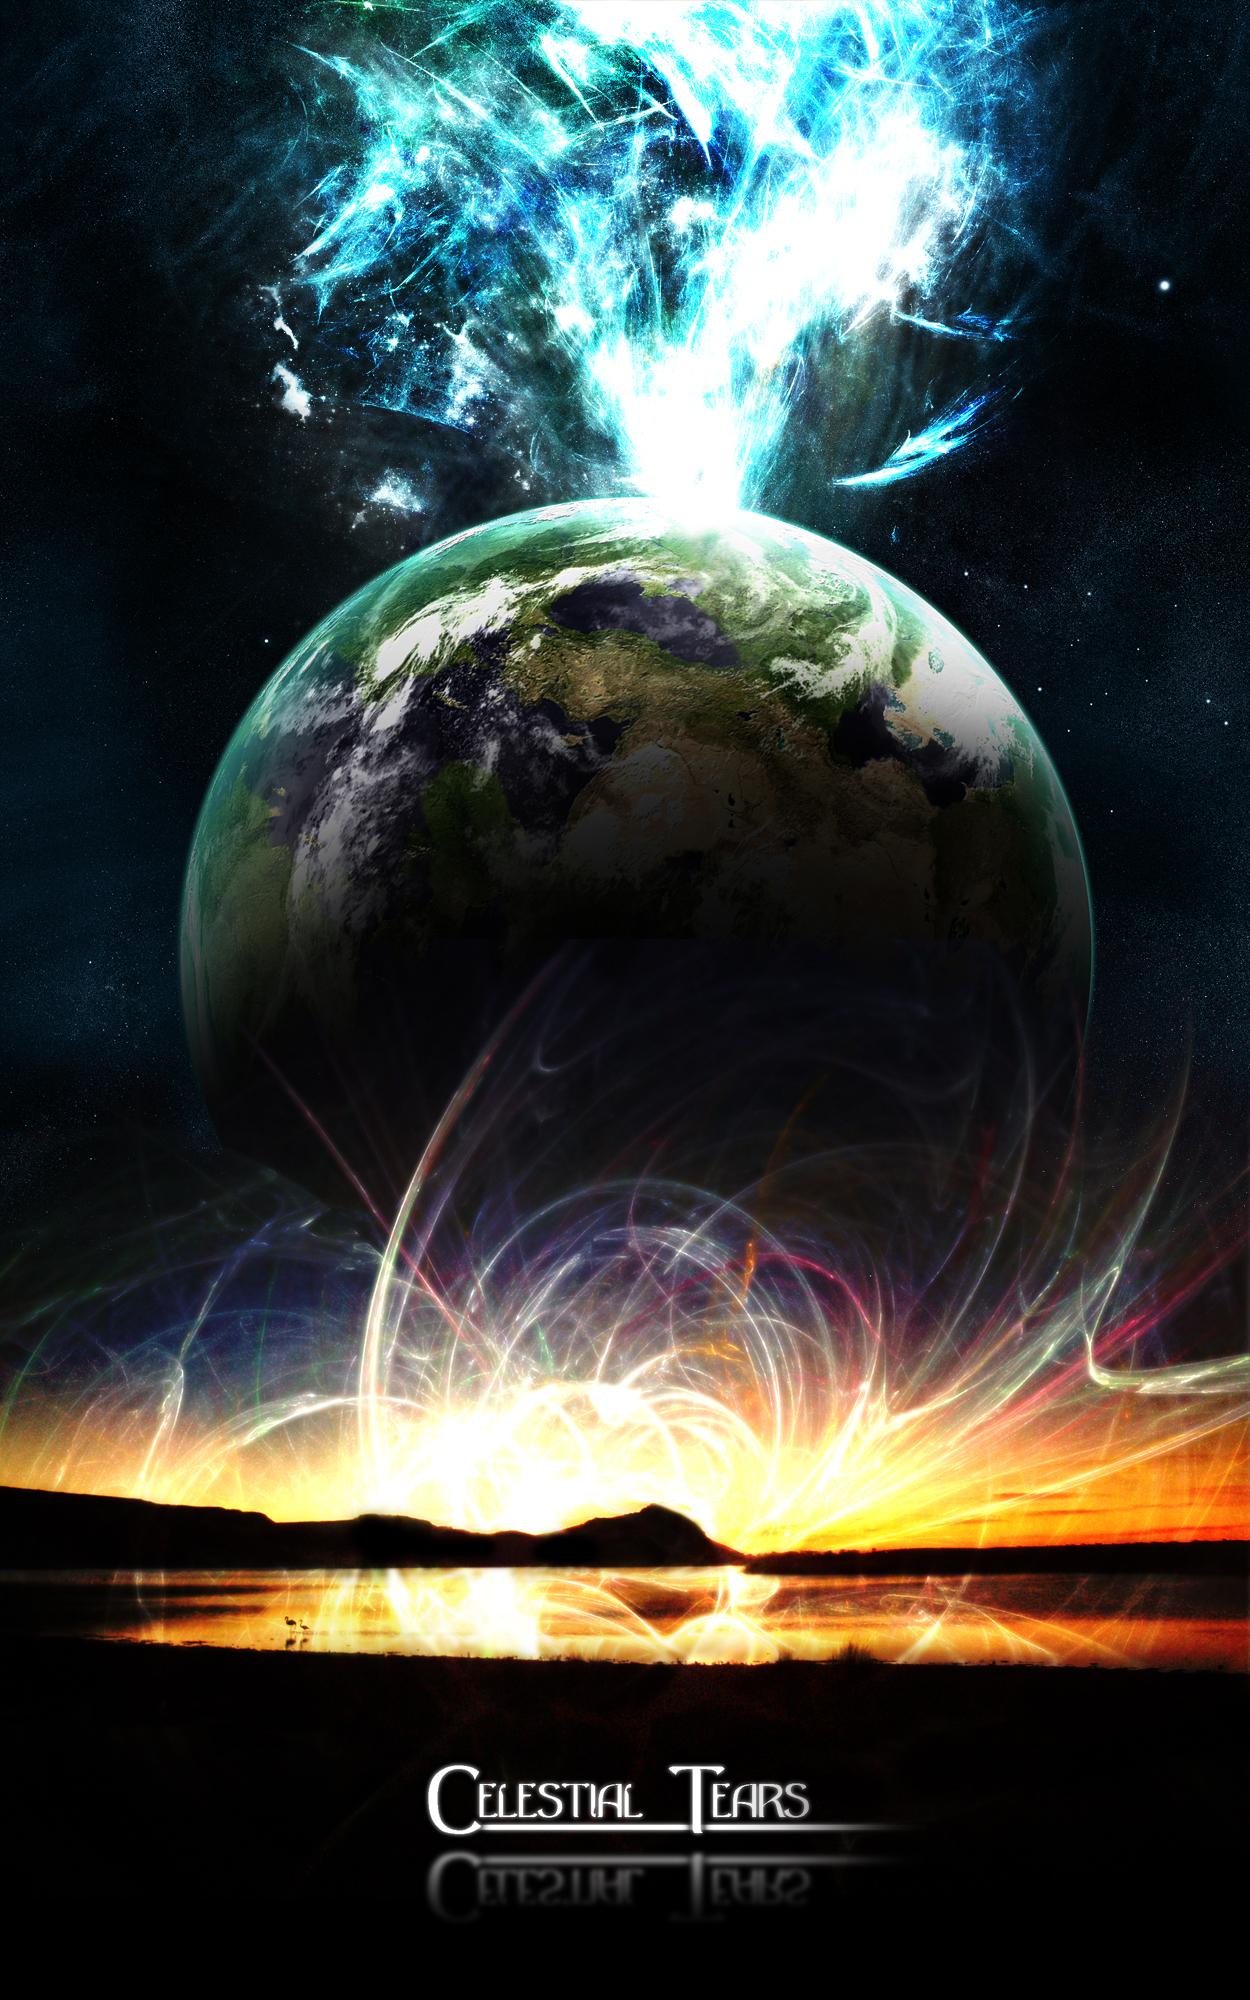 Celestial Tears by cliq